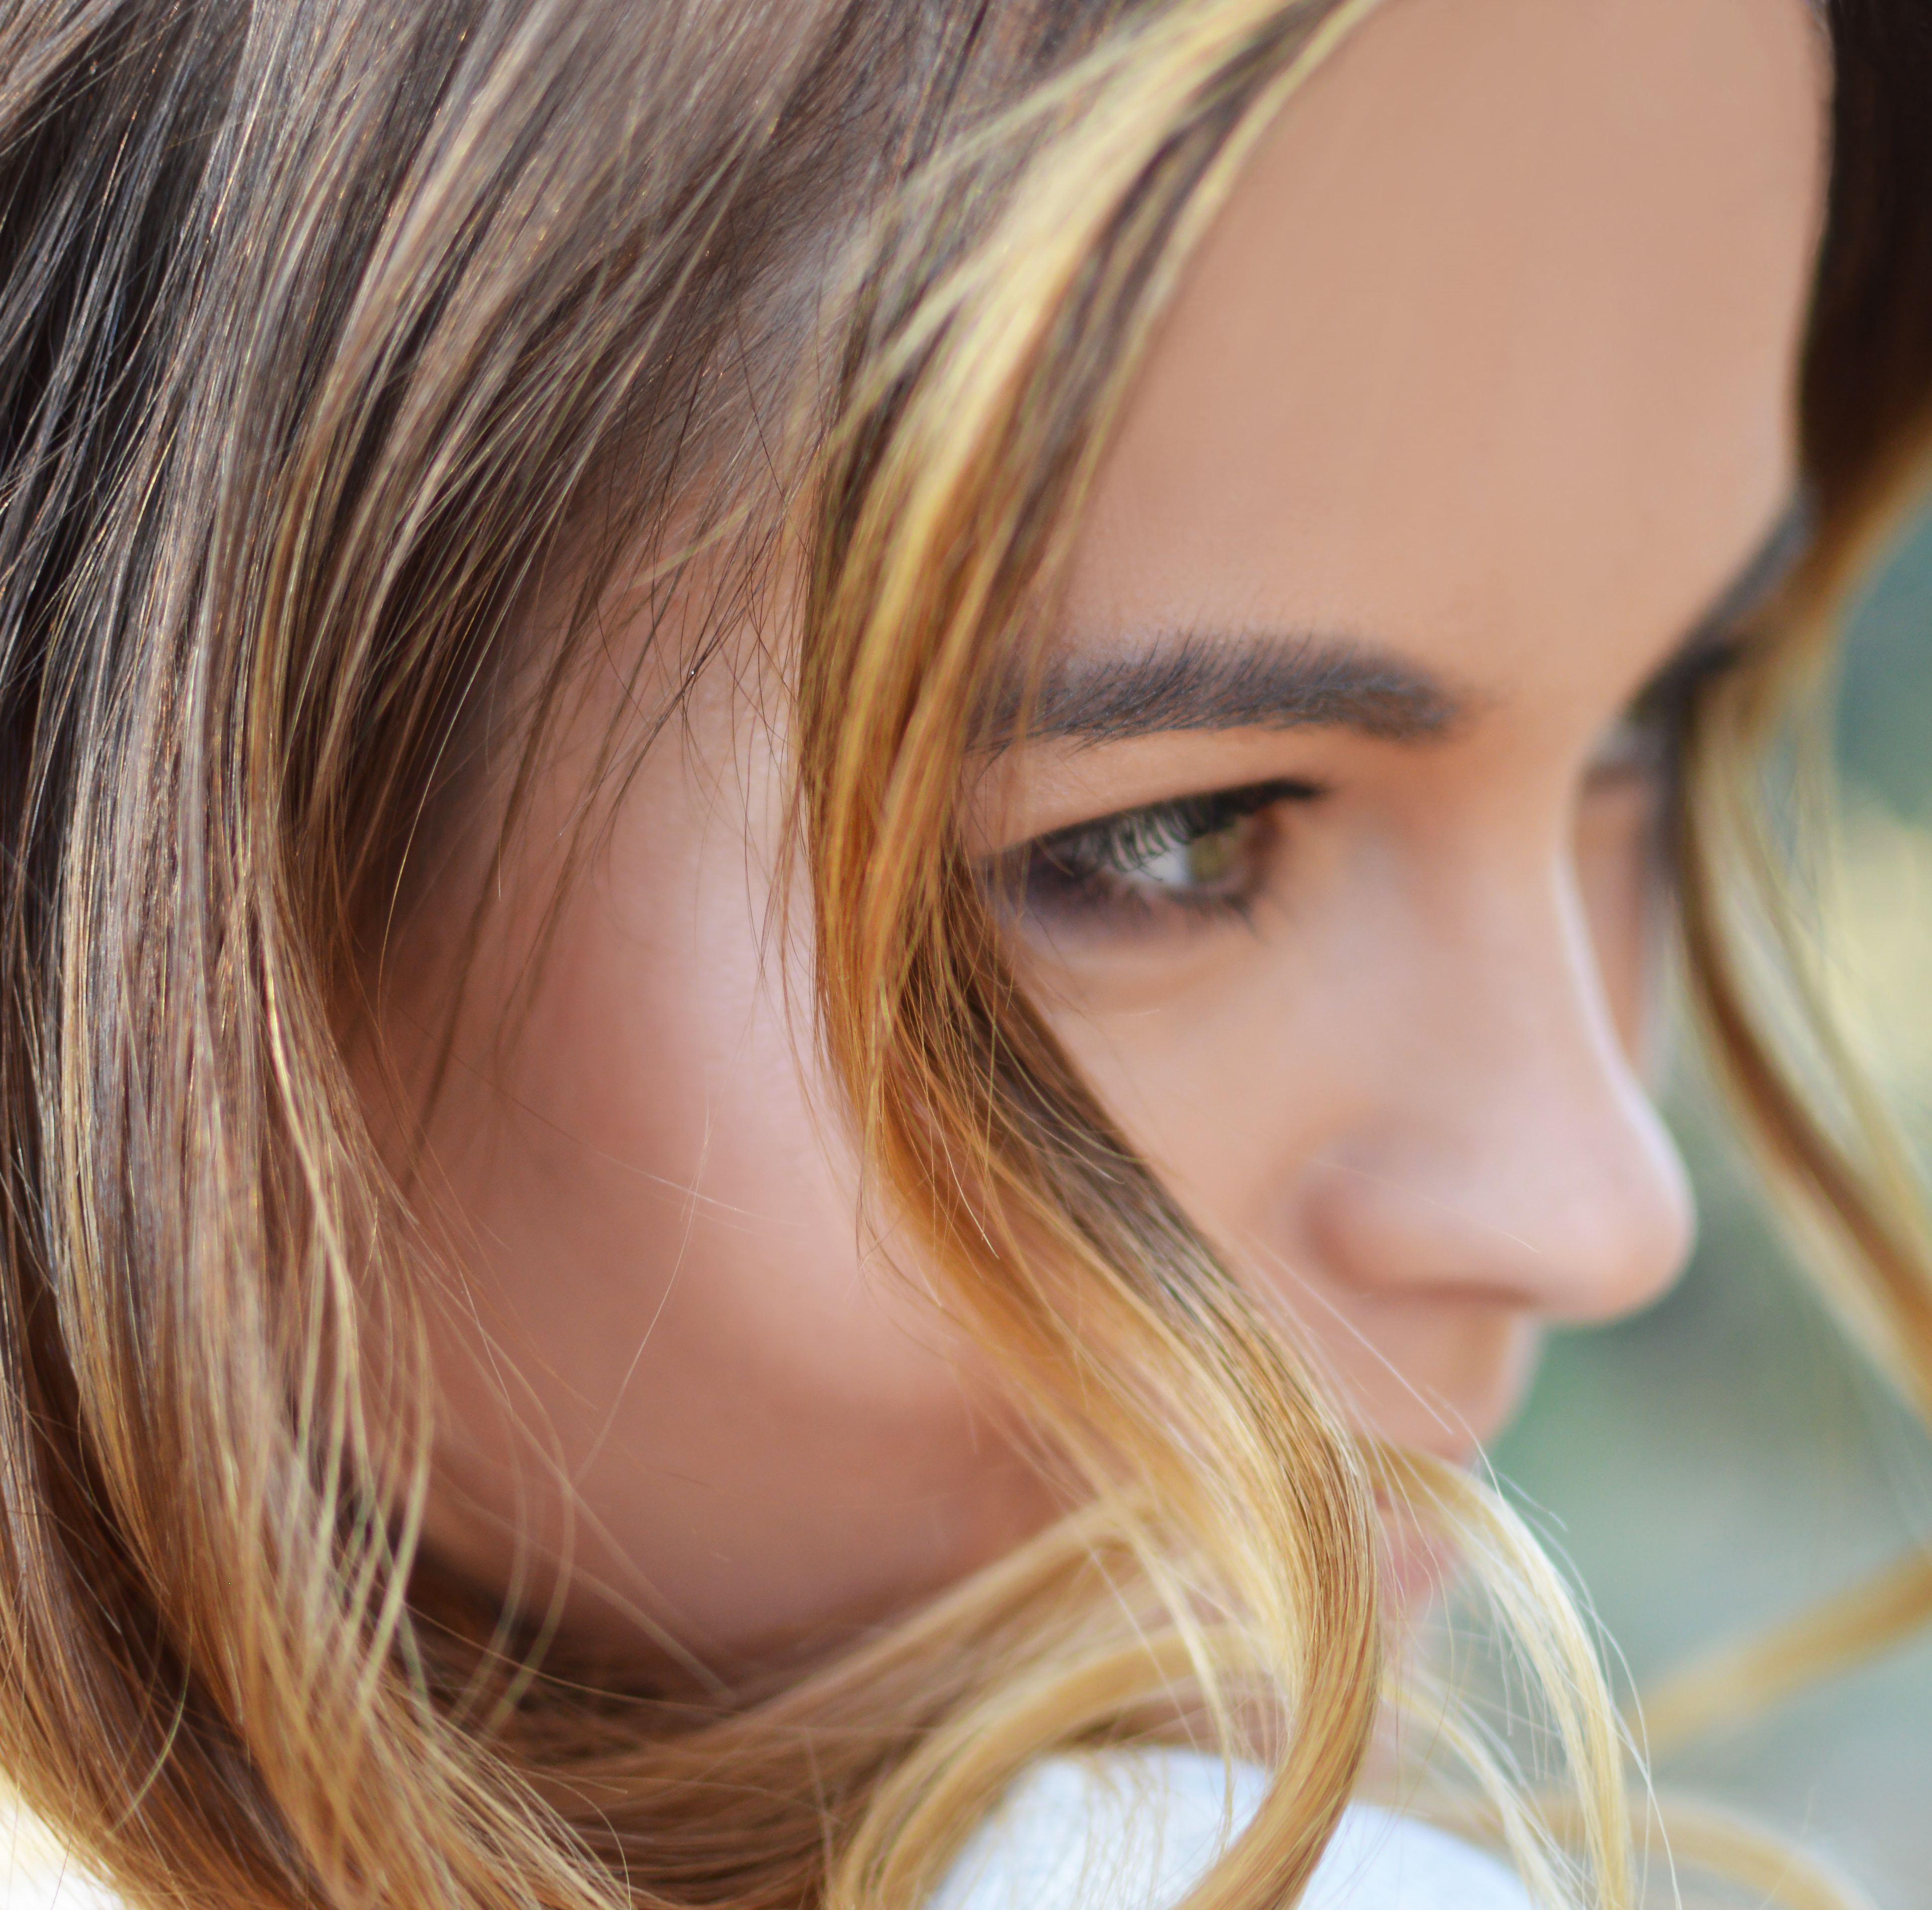 Ojeras y bolsas: 8 tips para acabar con el cansancio en tu mirada